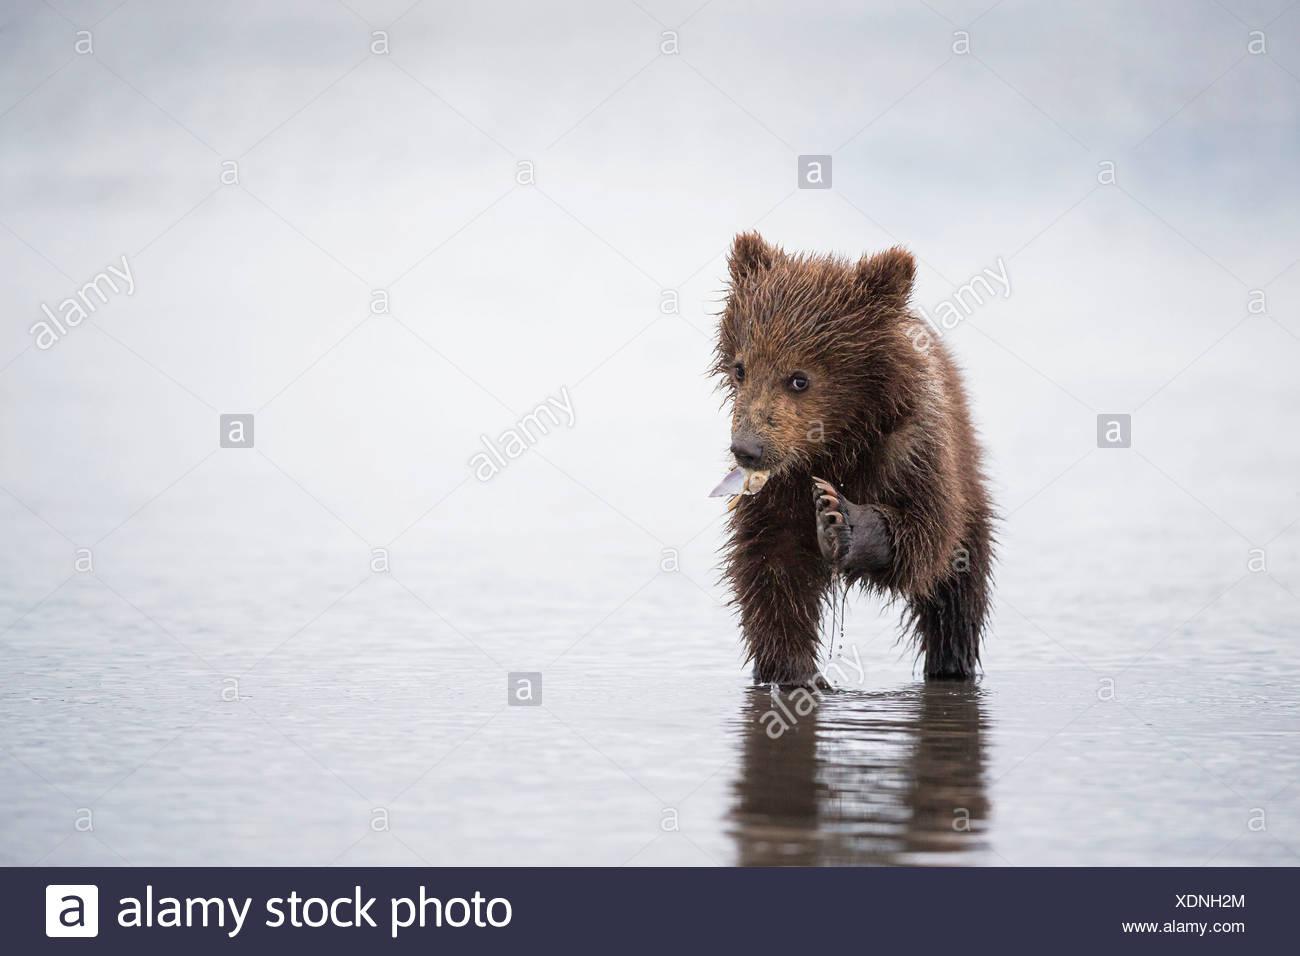 USA, Alaska, Lake Clark National Park and Preserve, Brown bear cub (Ursus arctos) eating a mussel - Stock Image